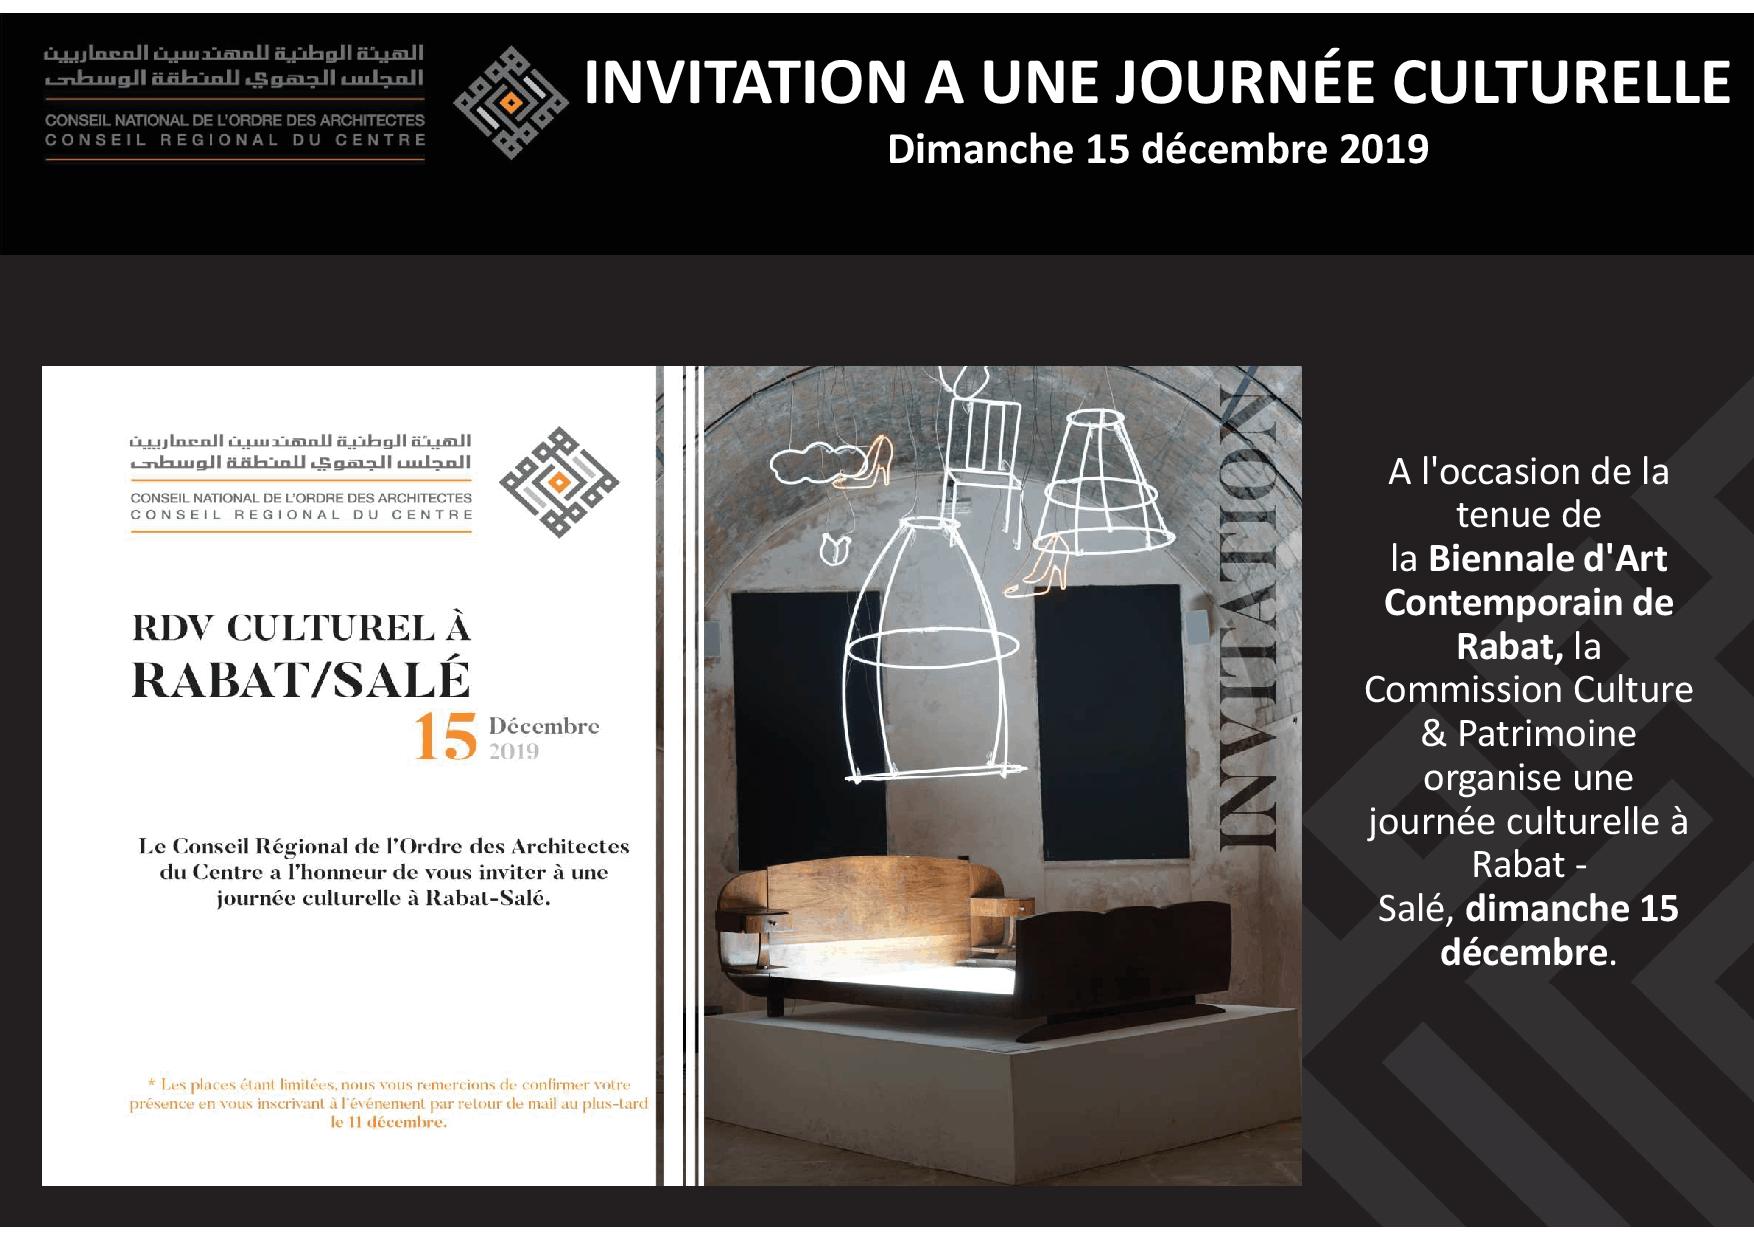 JOURNÉE CULTURELLE 15 12 19-1